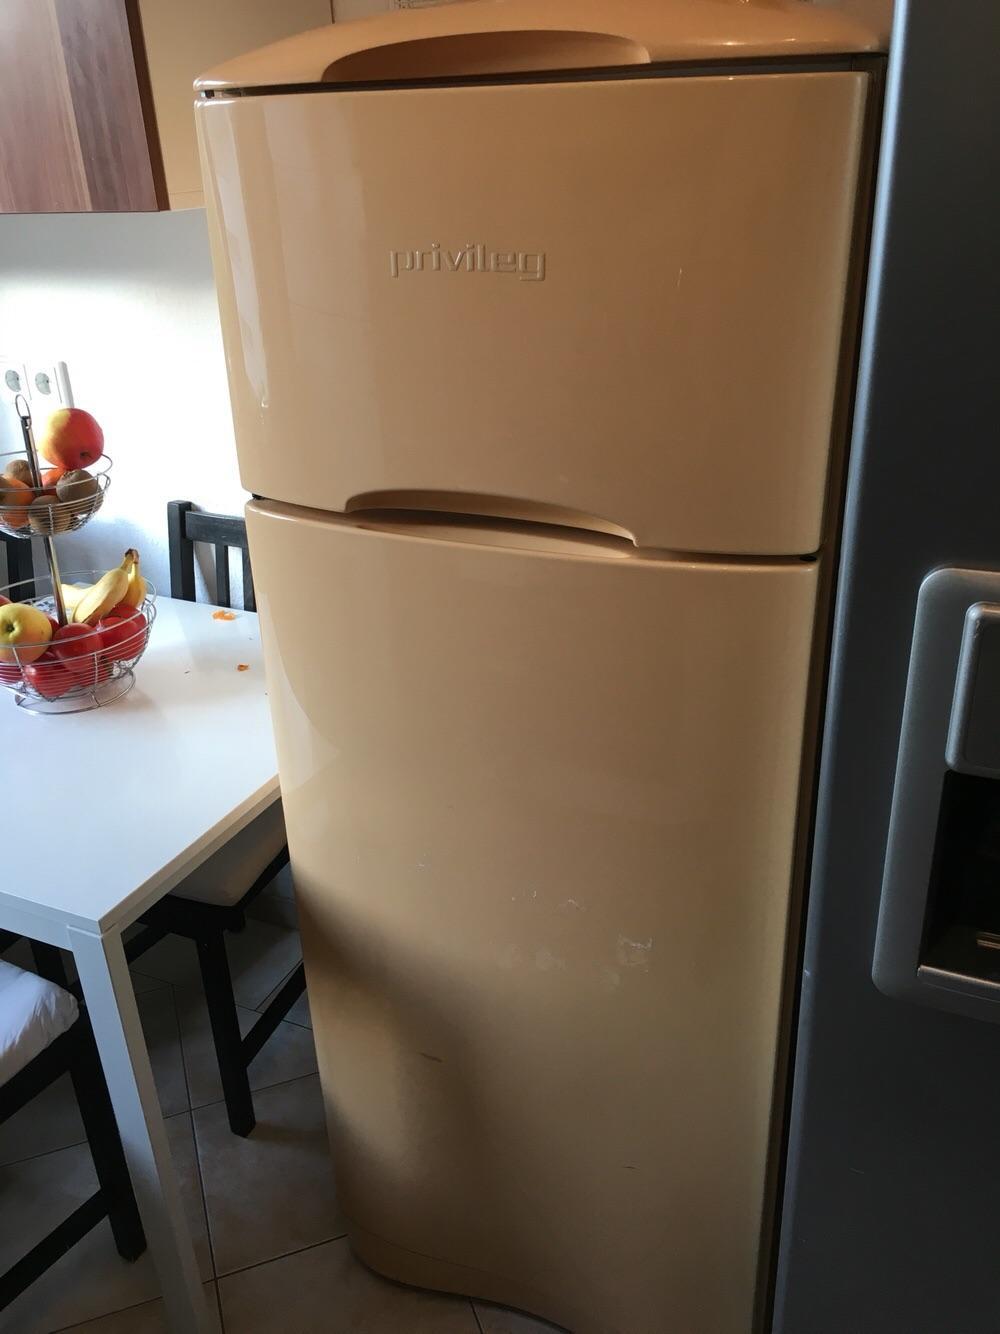 Privileg Retro Kühlschrank : Gebraucht privileg kühlschrank in wiesbaden um u ac u shpock